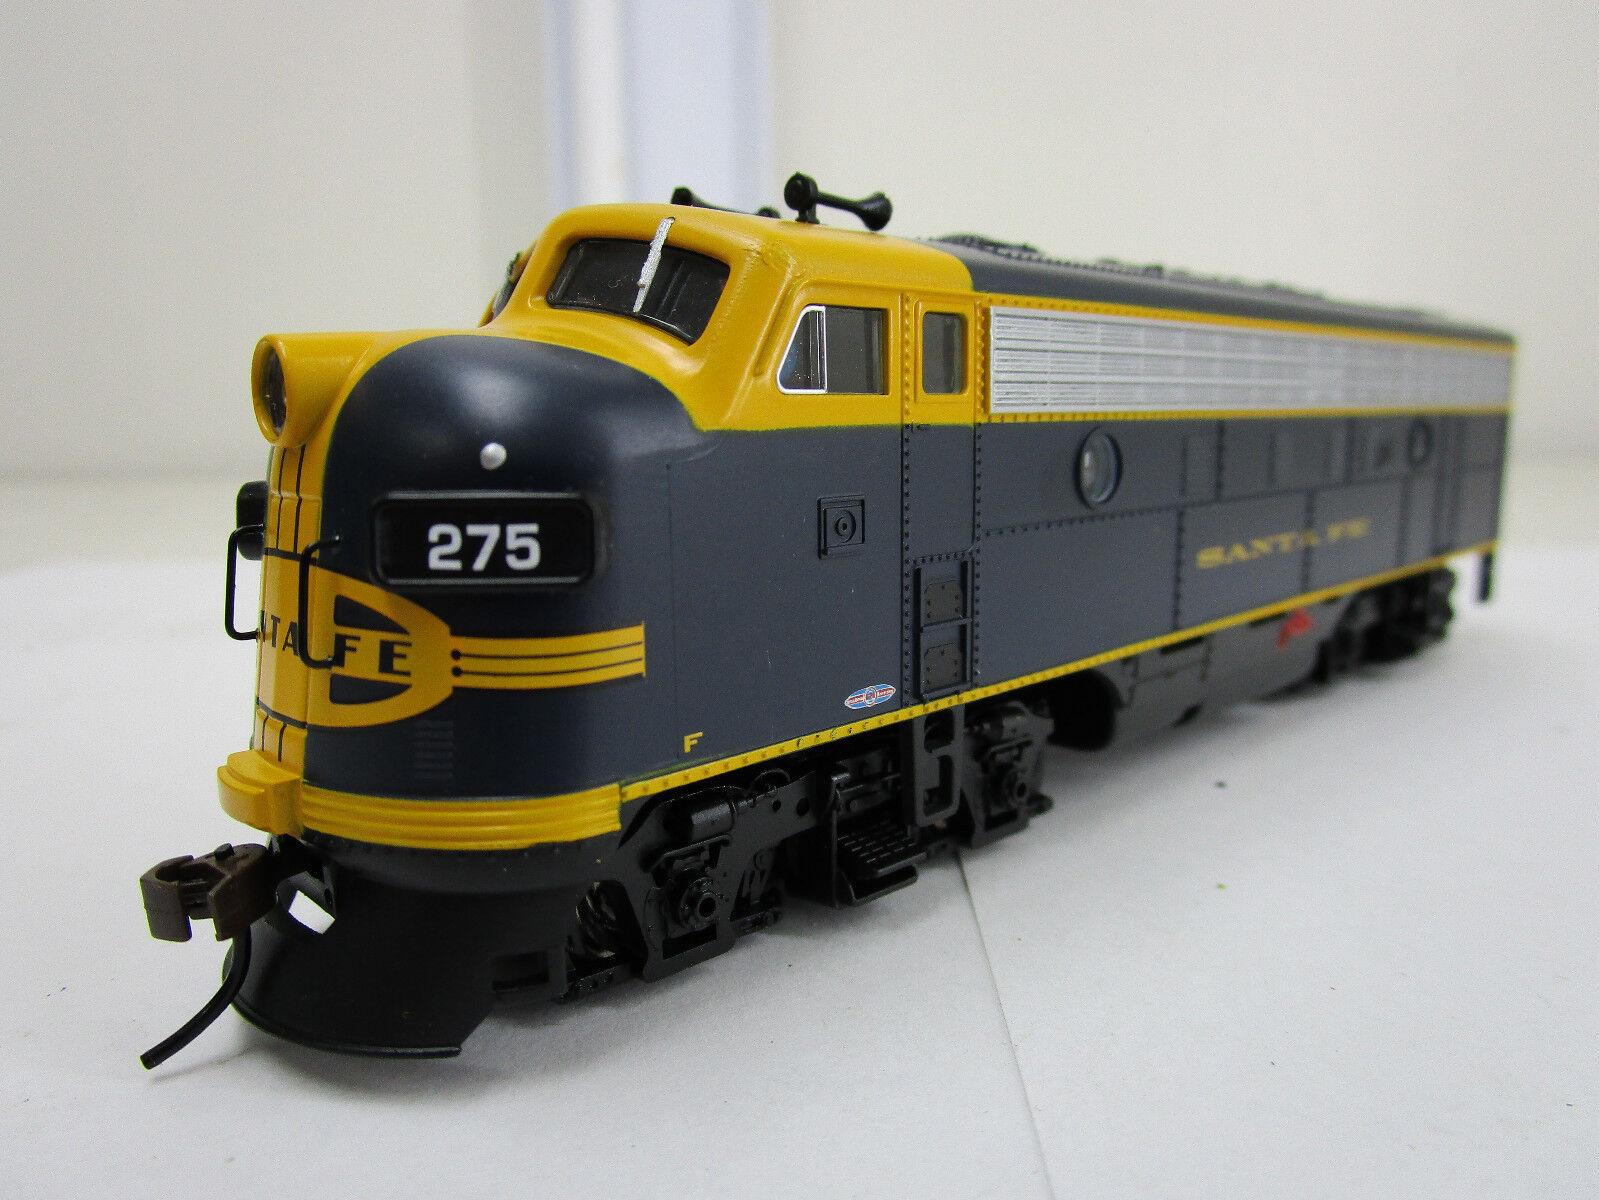 Bachuomon scala HO treno F7A Diesel Loco DCC suonotraxx SANTA FE  275